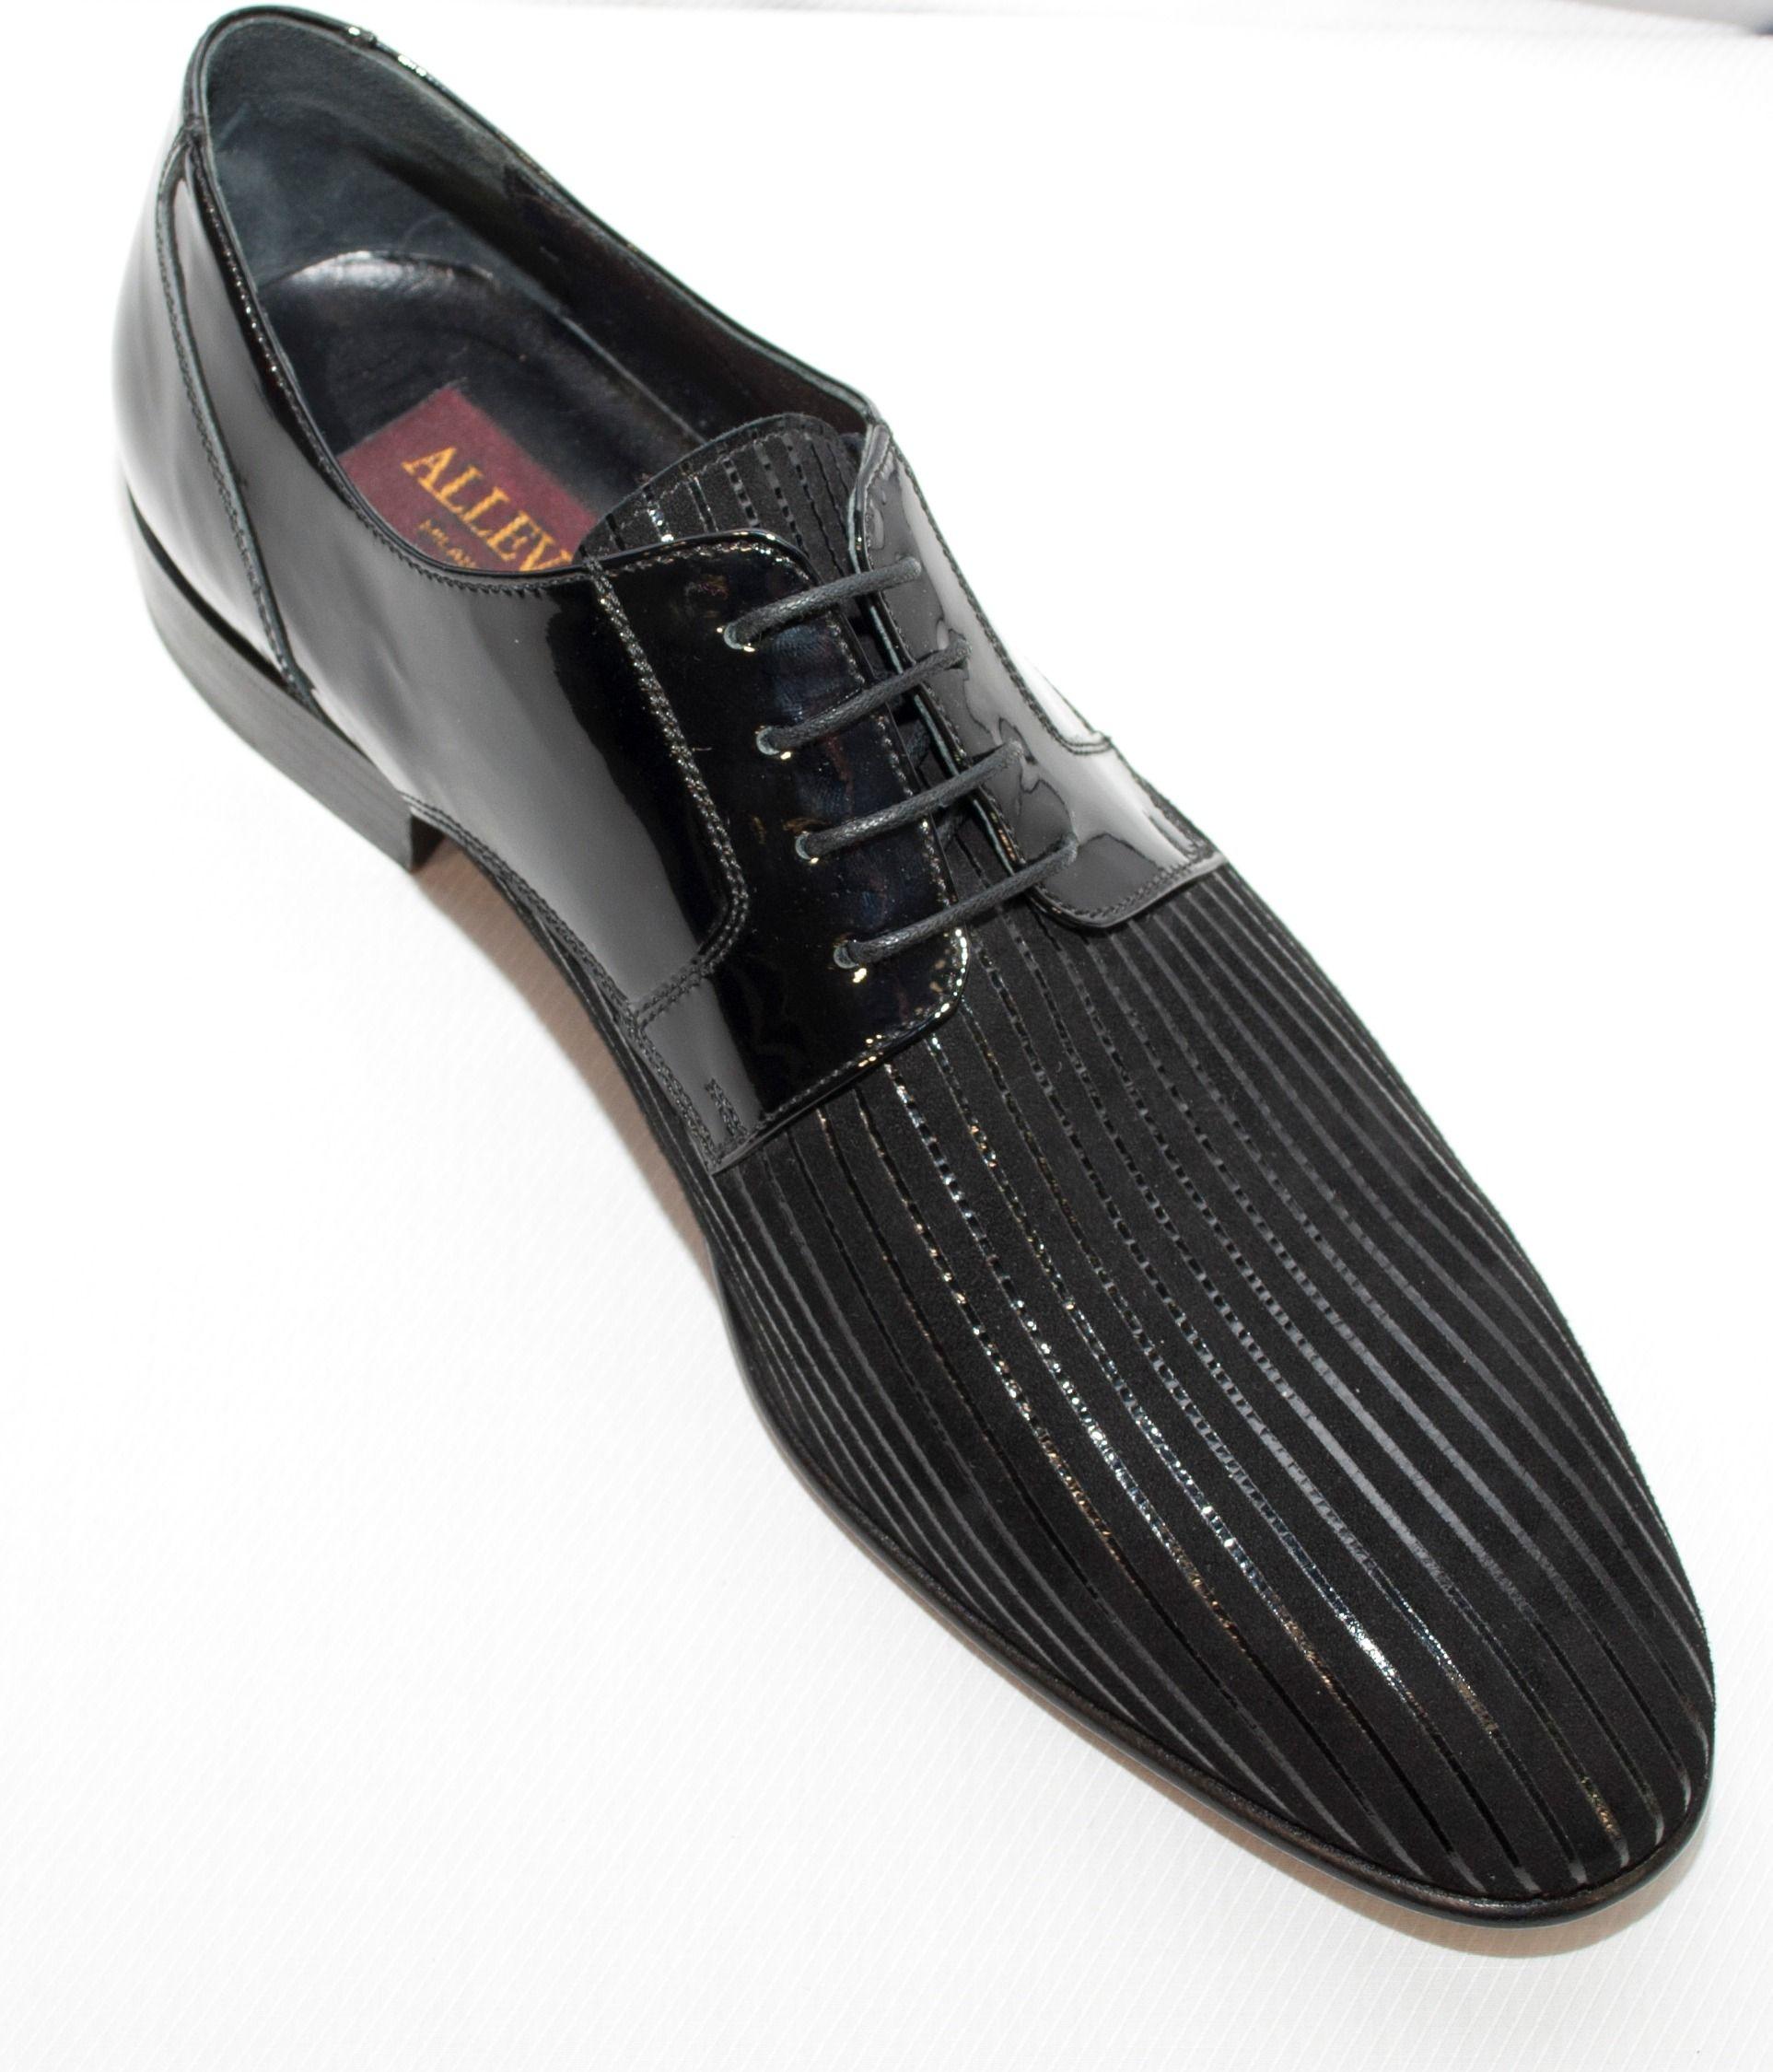 new concept db41e 25ecc Scarpe da sposo, scarpe da cerimonia ...perche' gli ...